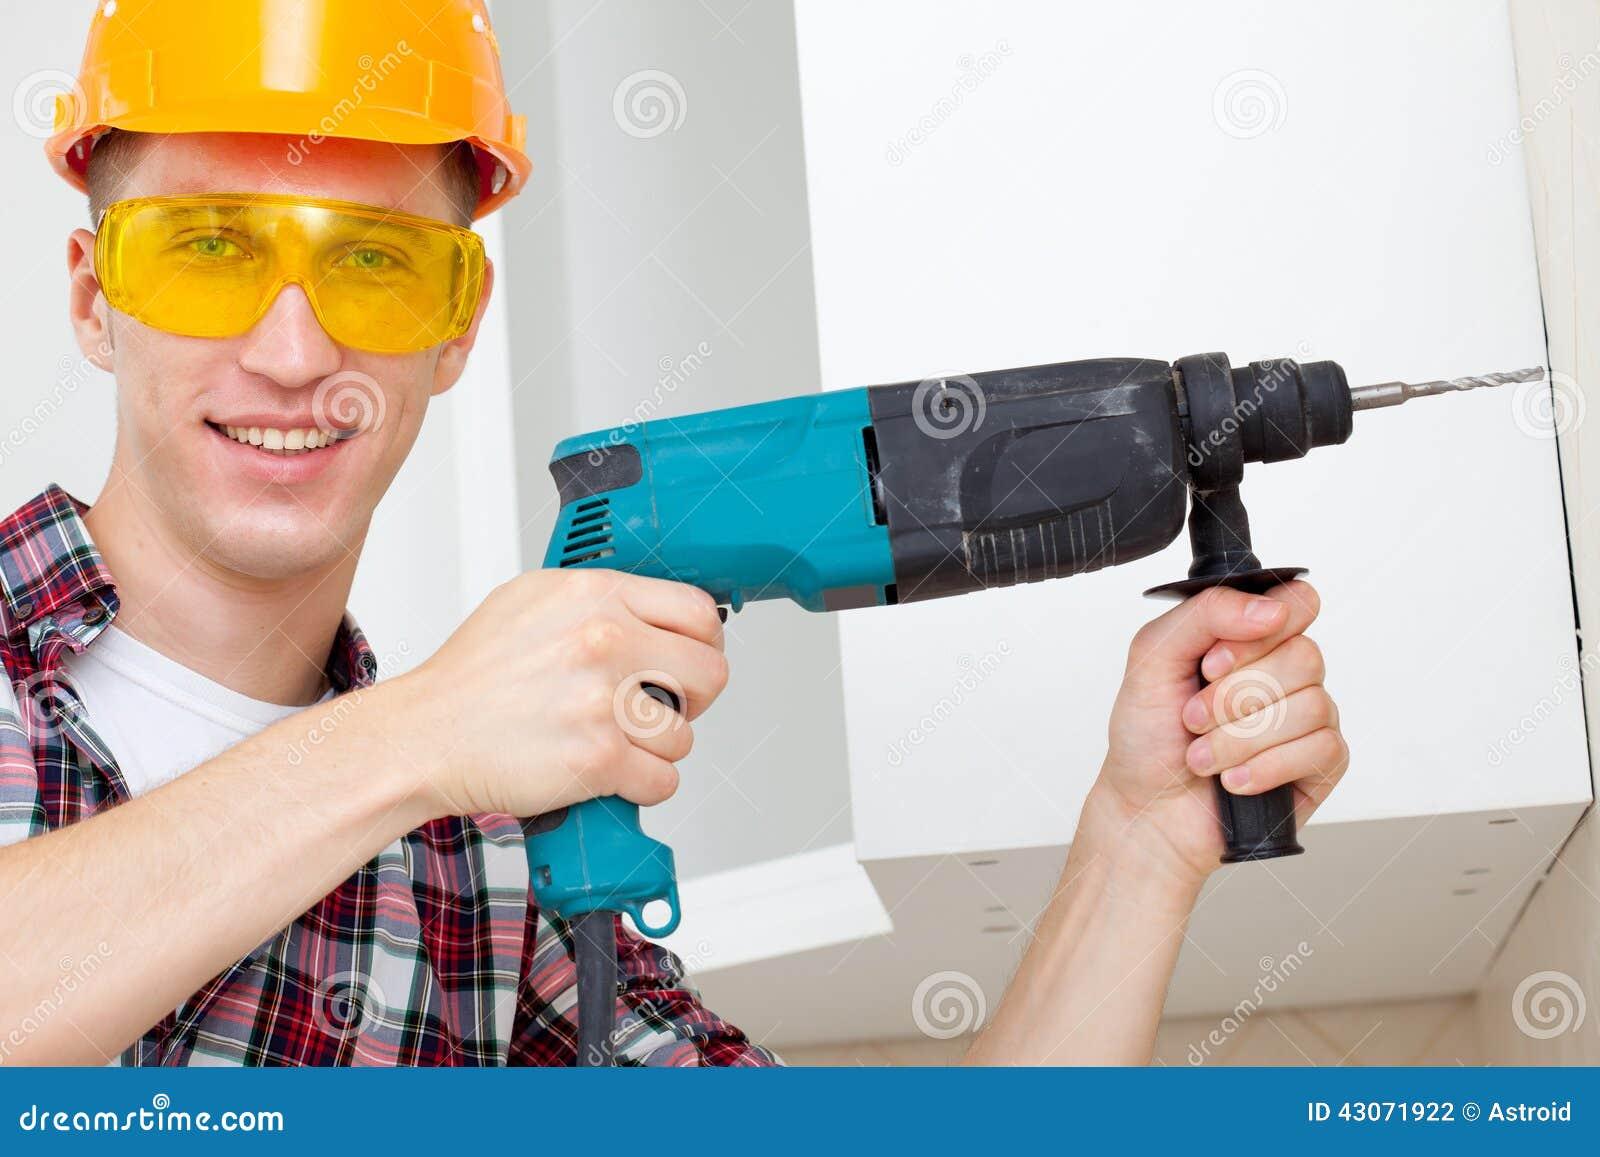 Χαμογελώντας εργαζόμενος με το βράχος-τρυπάνι